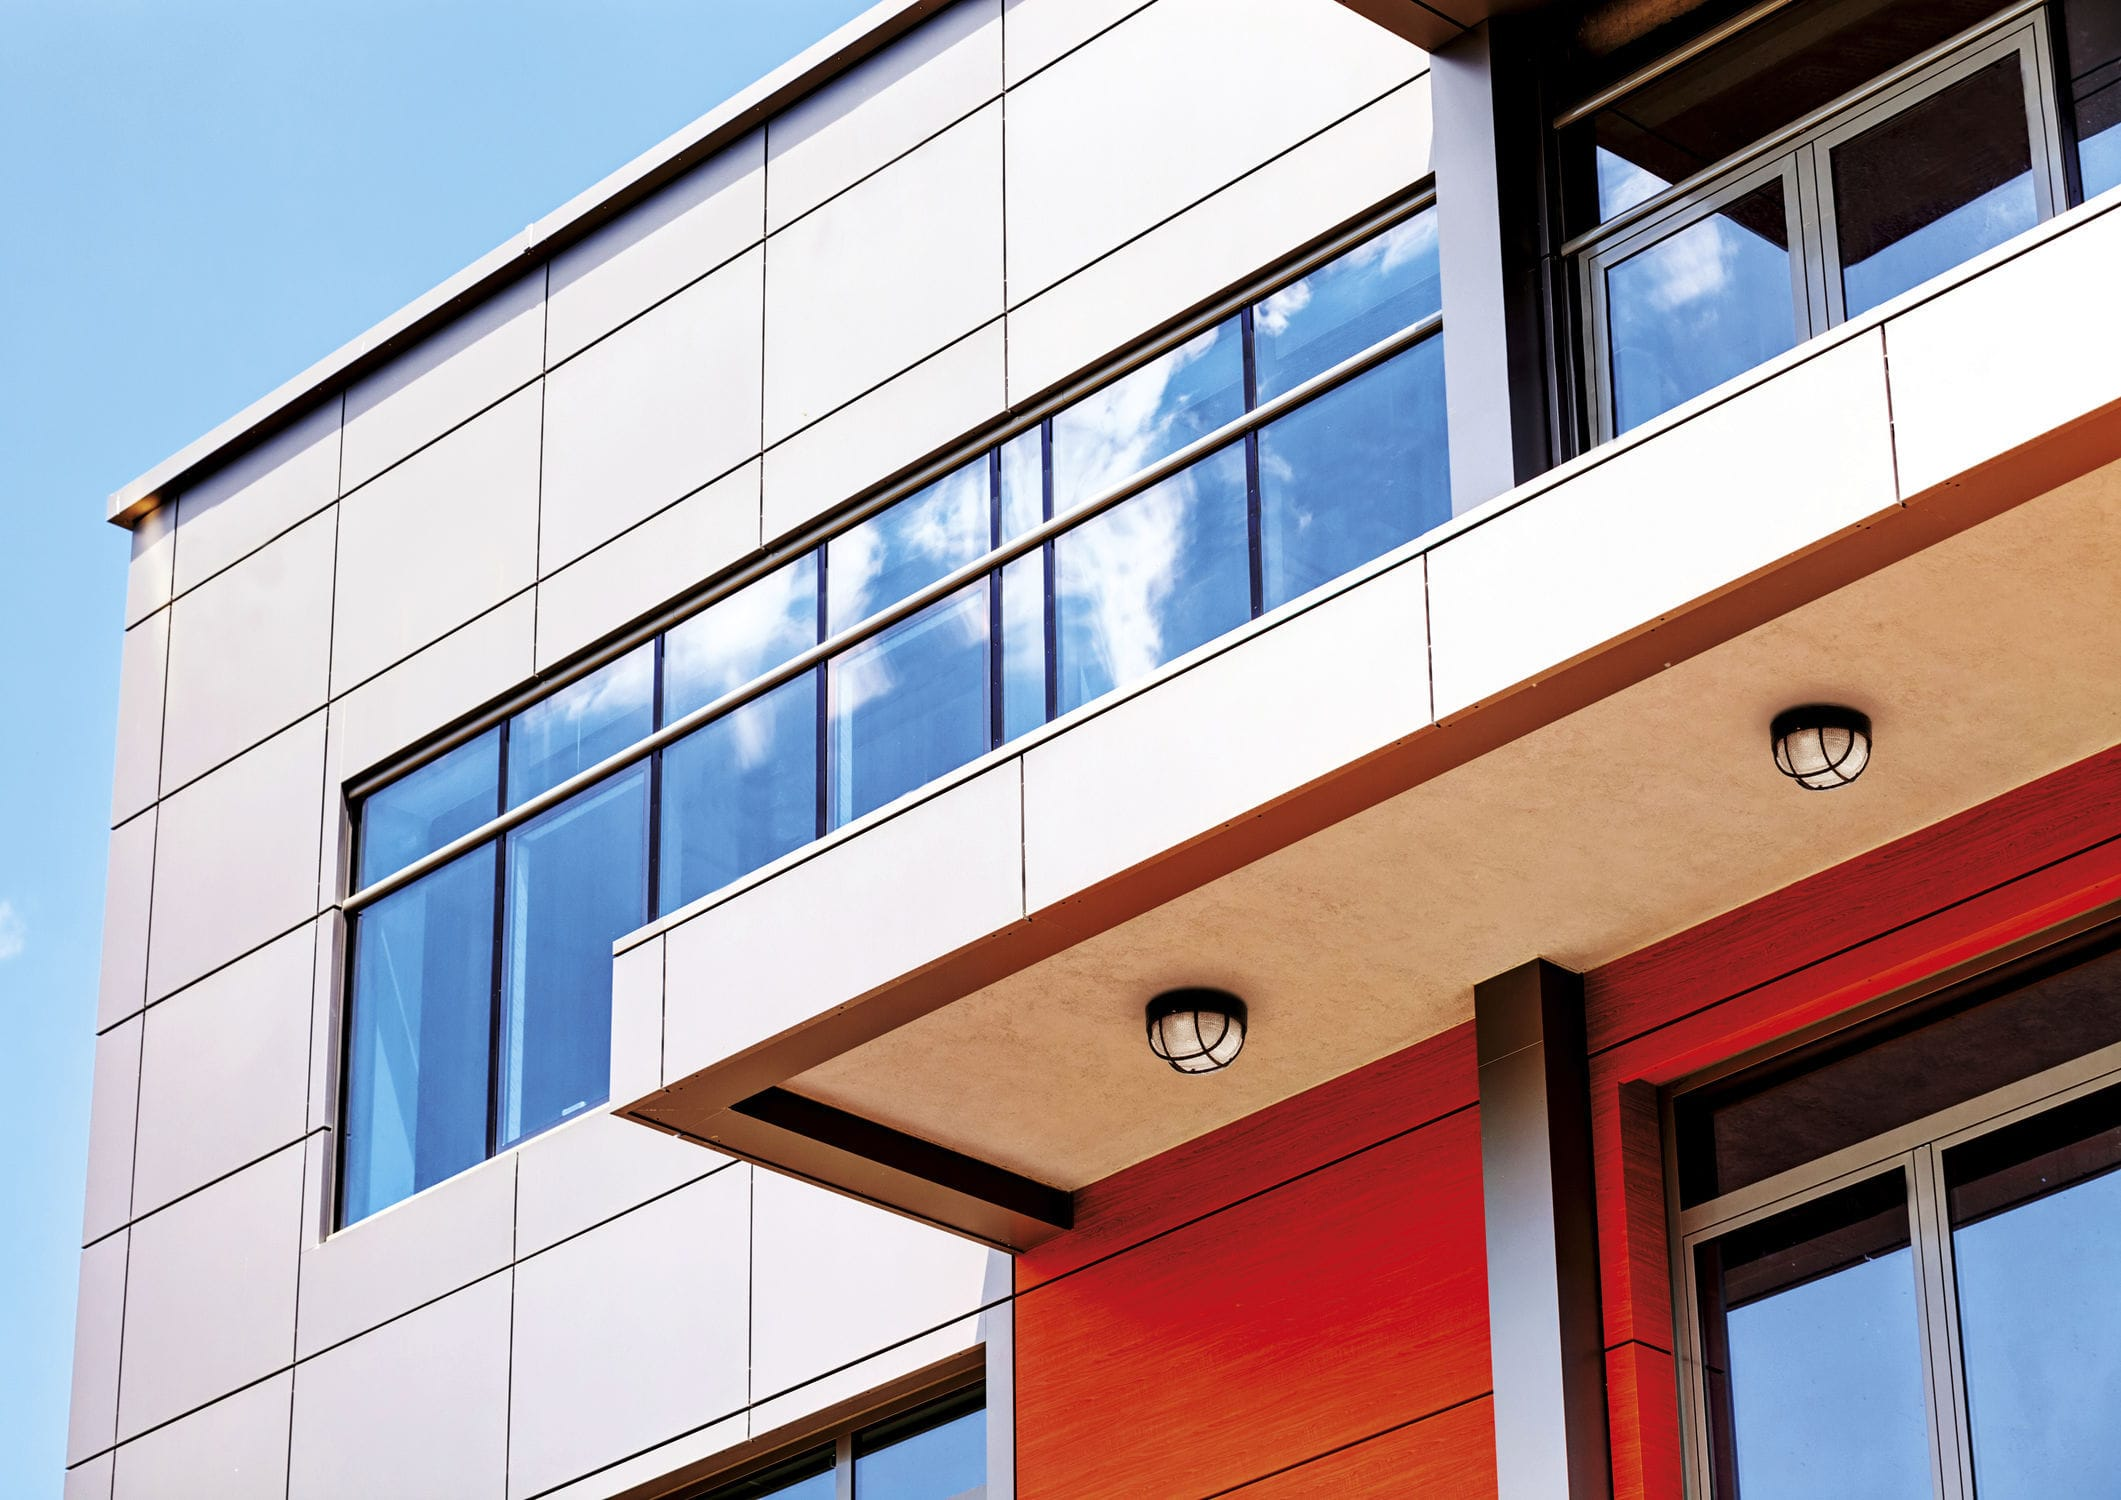 Plafoniere Da Esterno In Alluminio : Applique moderna da esterno in alluminio vetro